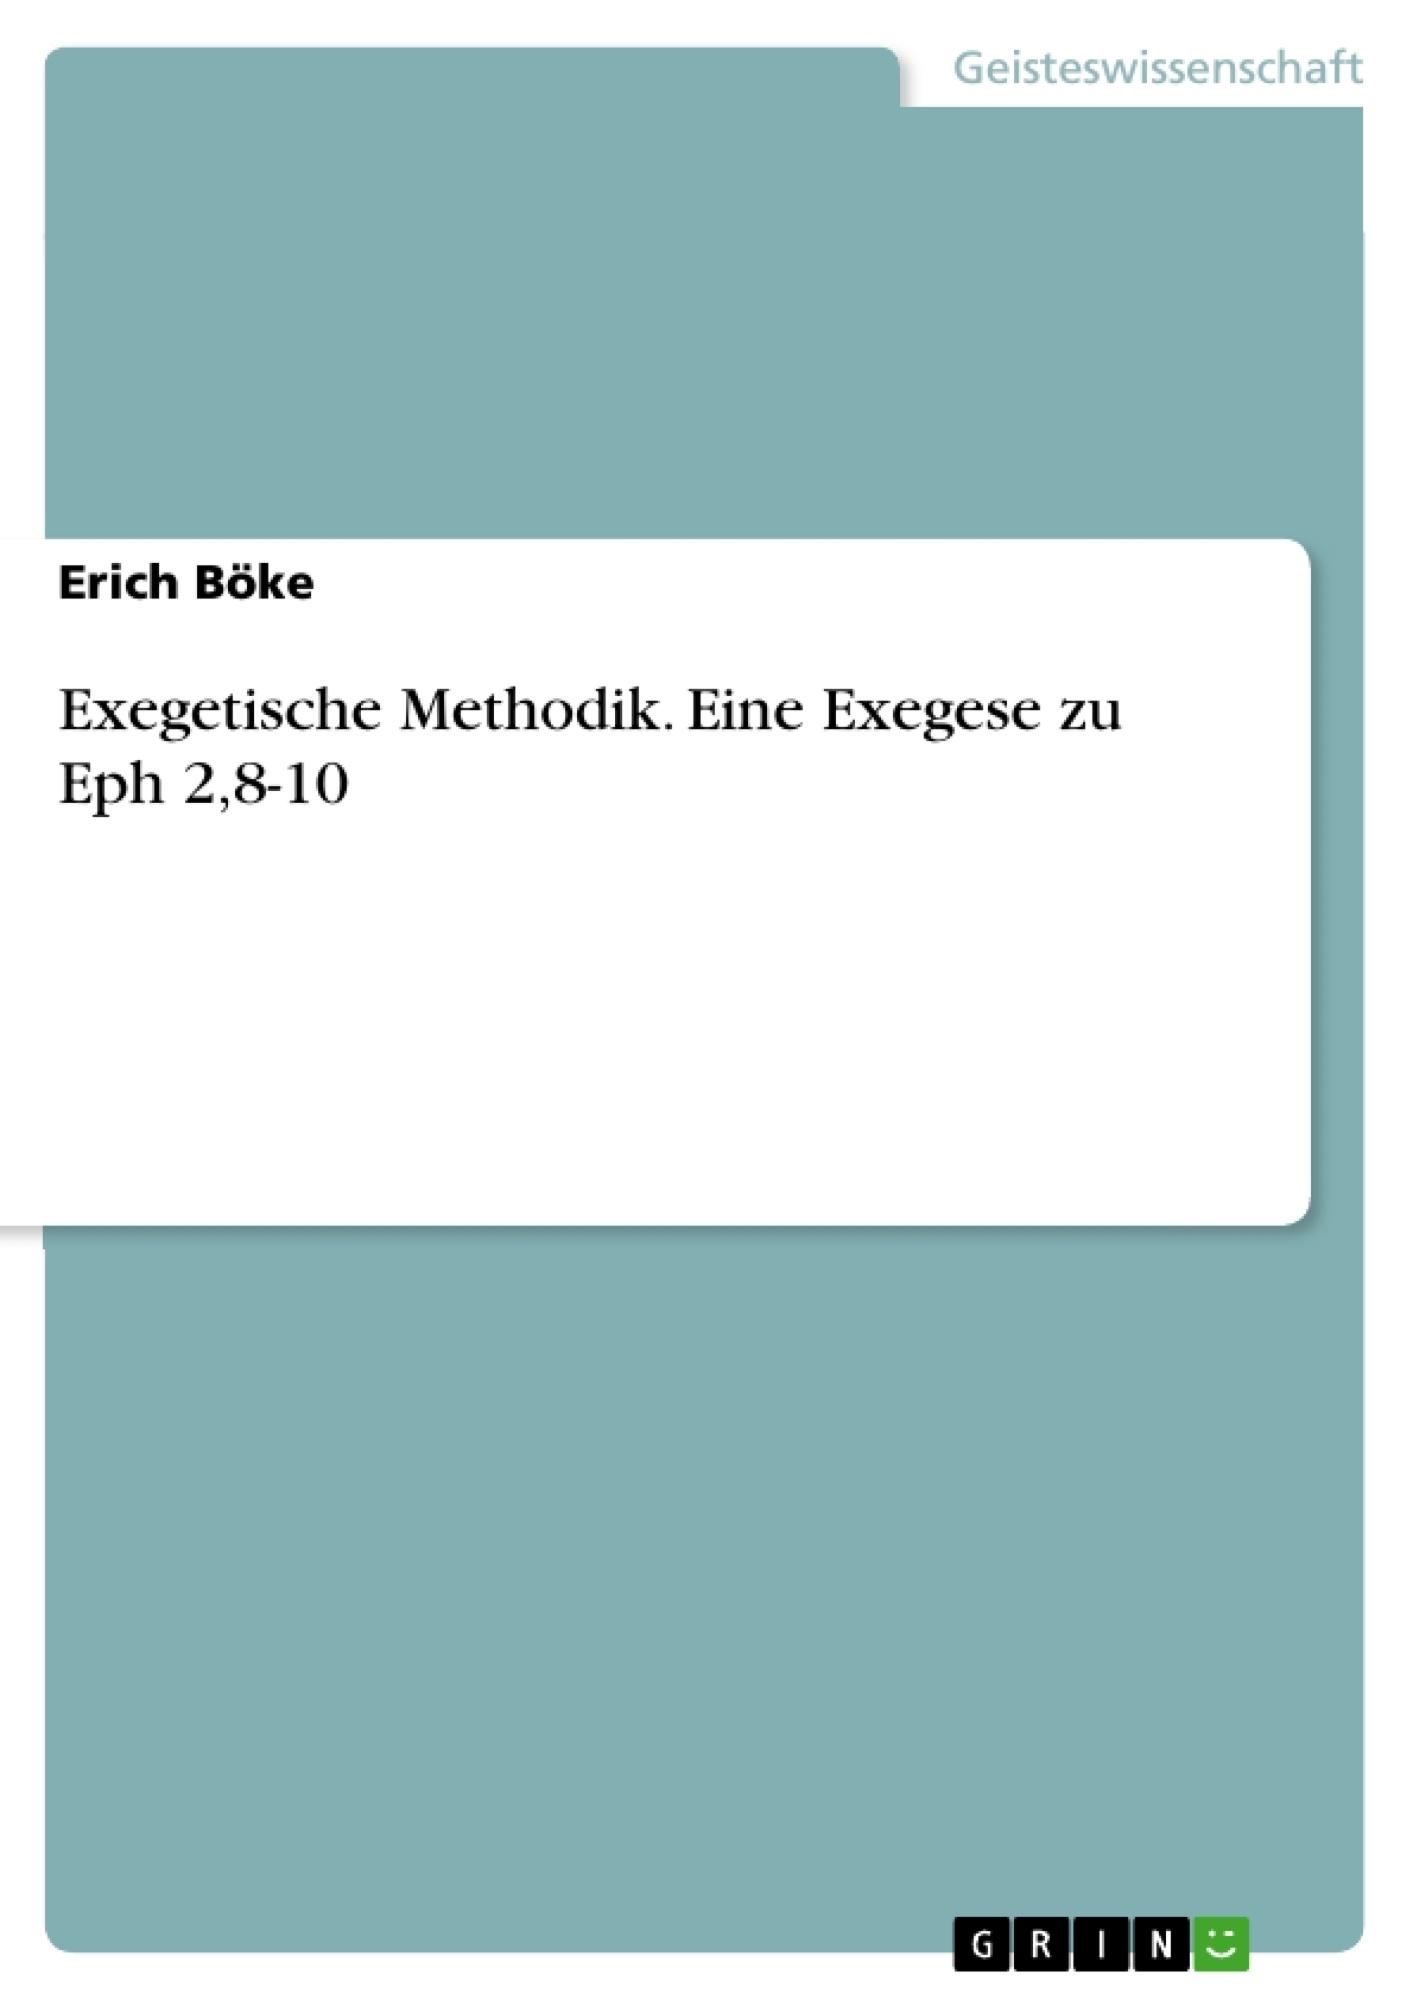 Titel: Exegetische Methodik. Eine Exegese zu Eph 2,8-10